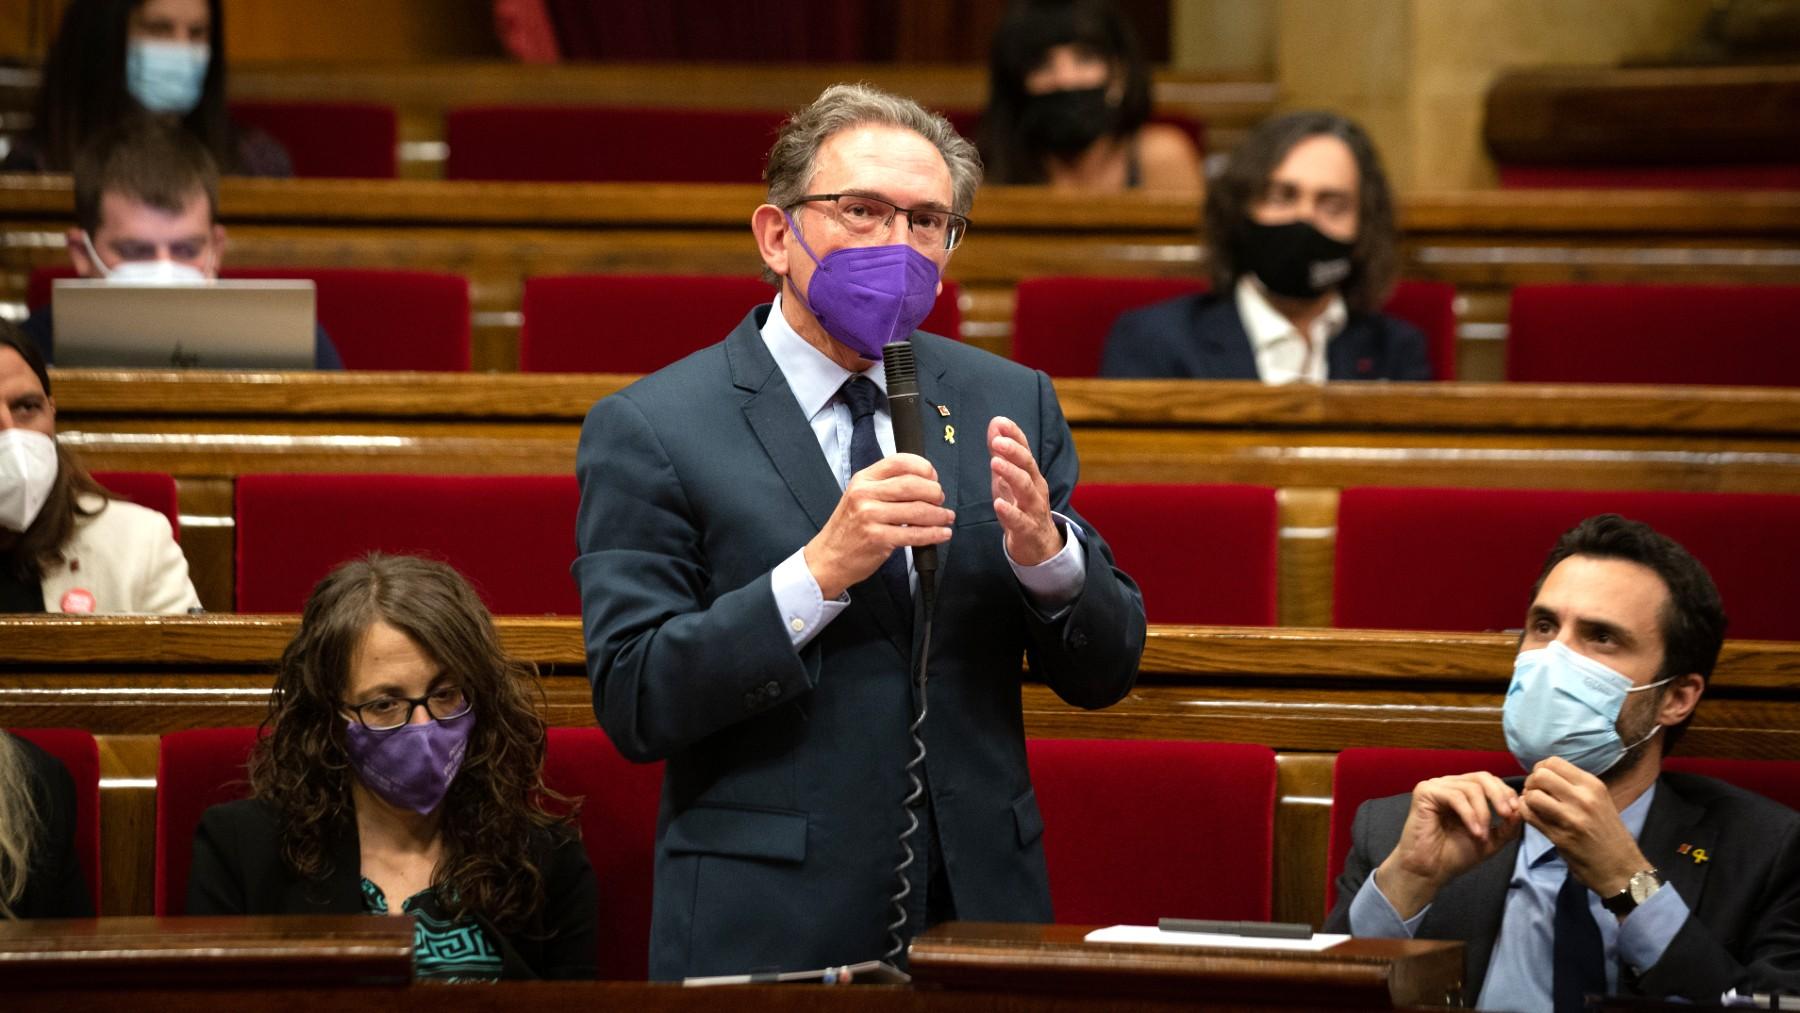 El consejero de Economía de la Generalitat, Jaume Giró. (Foto: Europa Press)